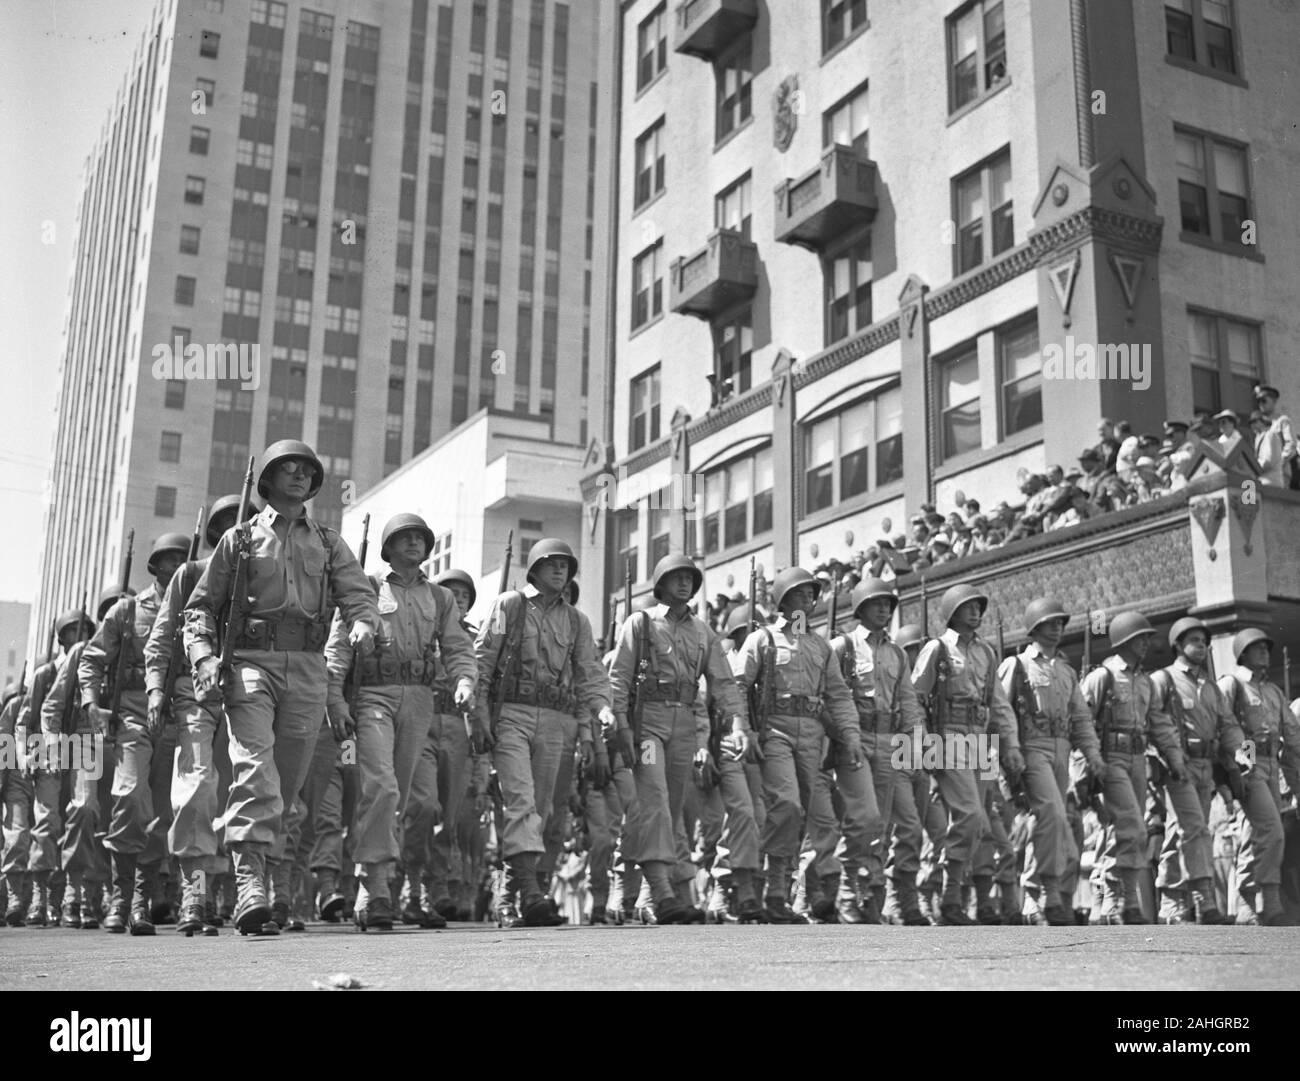 Las tropas estadounidenses la preparación para el envío fuera de la II Guerra Mundial, 1942 Miami. La fecha exacta se desconoce, pero probablemente a finales de marzo de 1942. Foto de stock